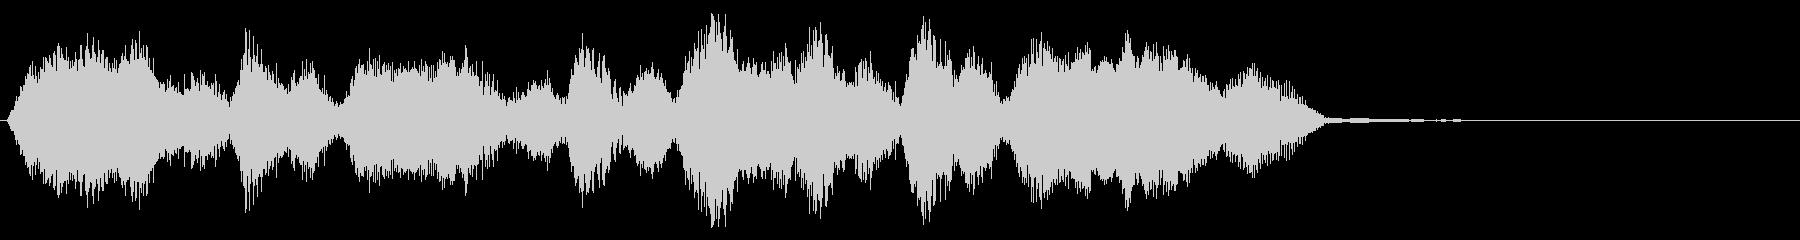 リザルト画面などの未再生の波形